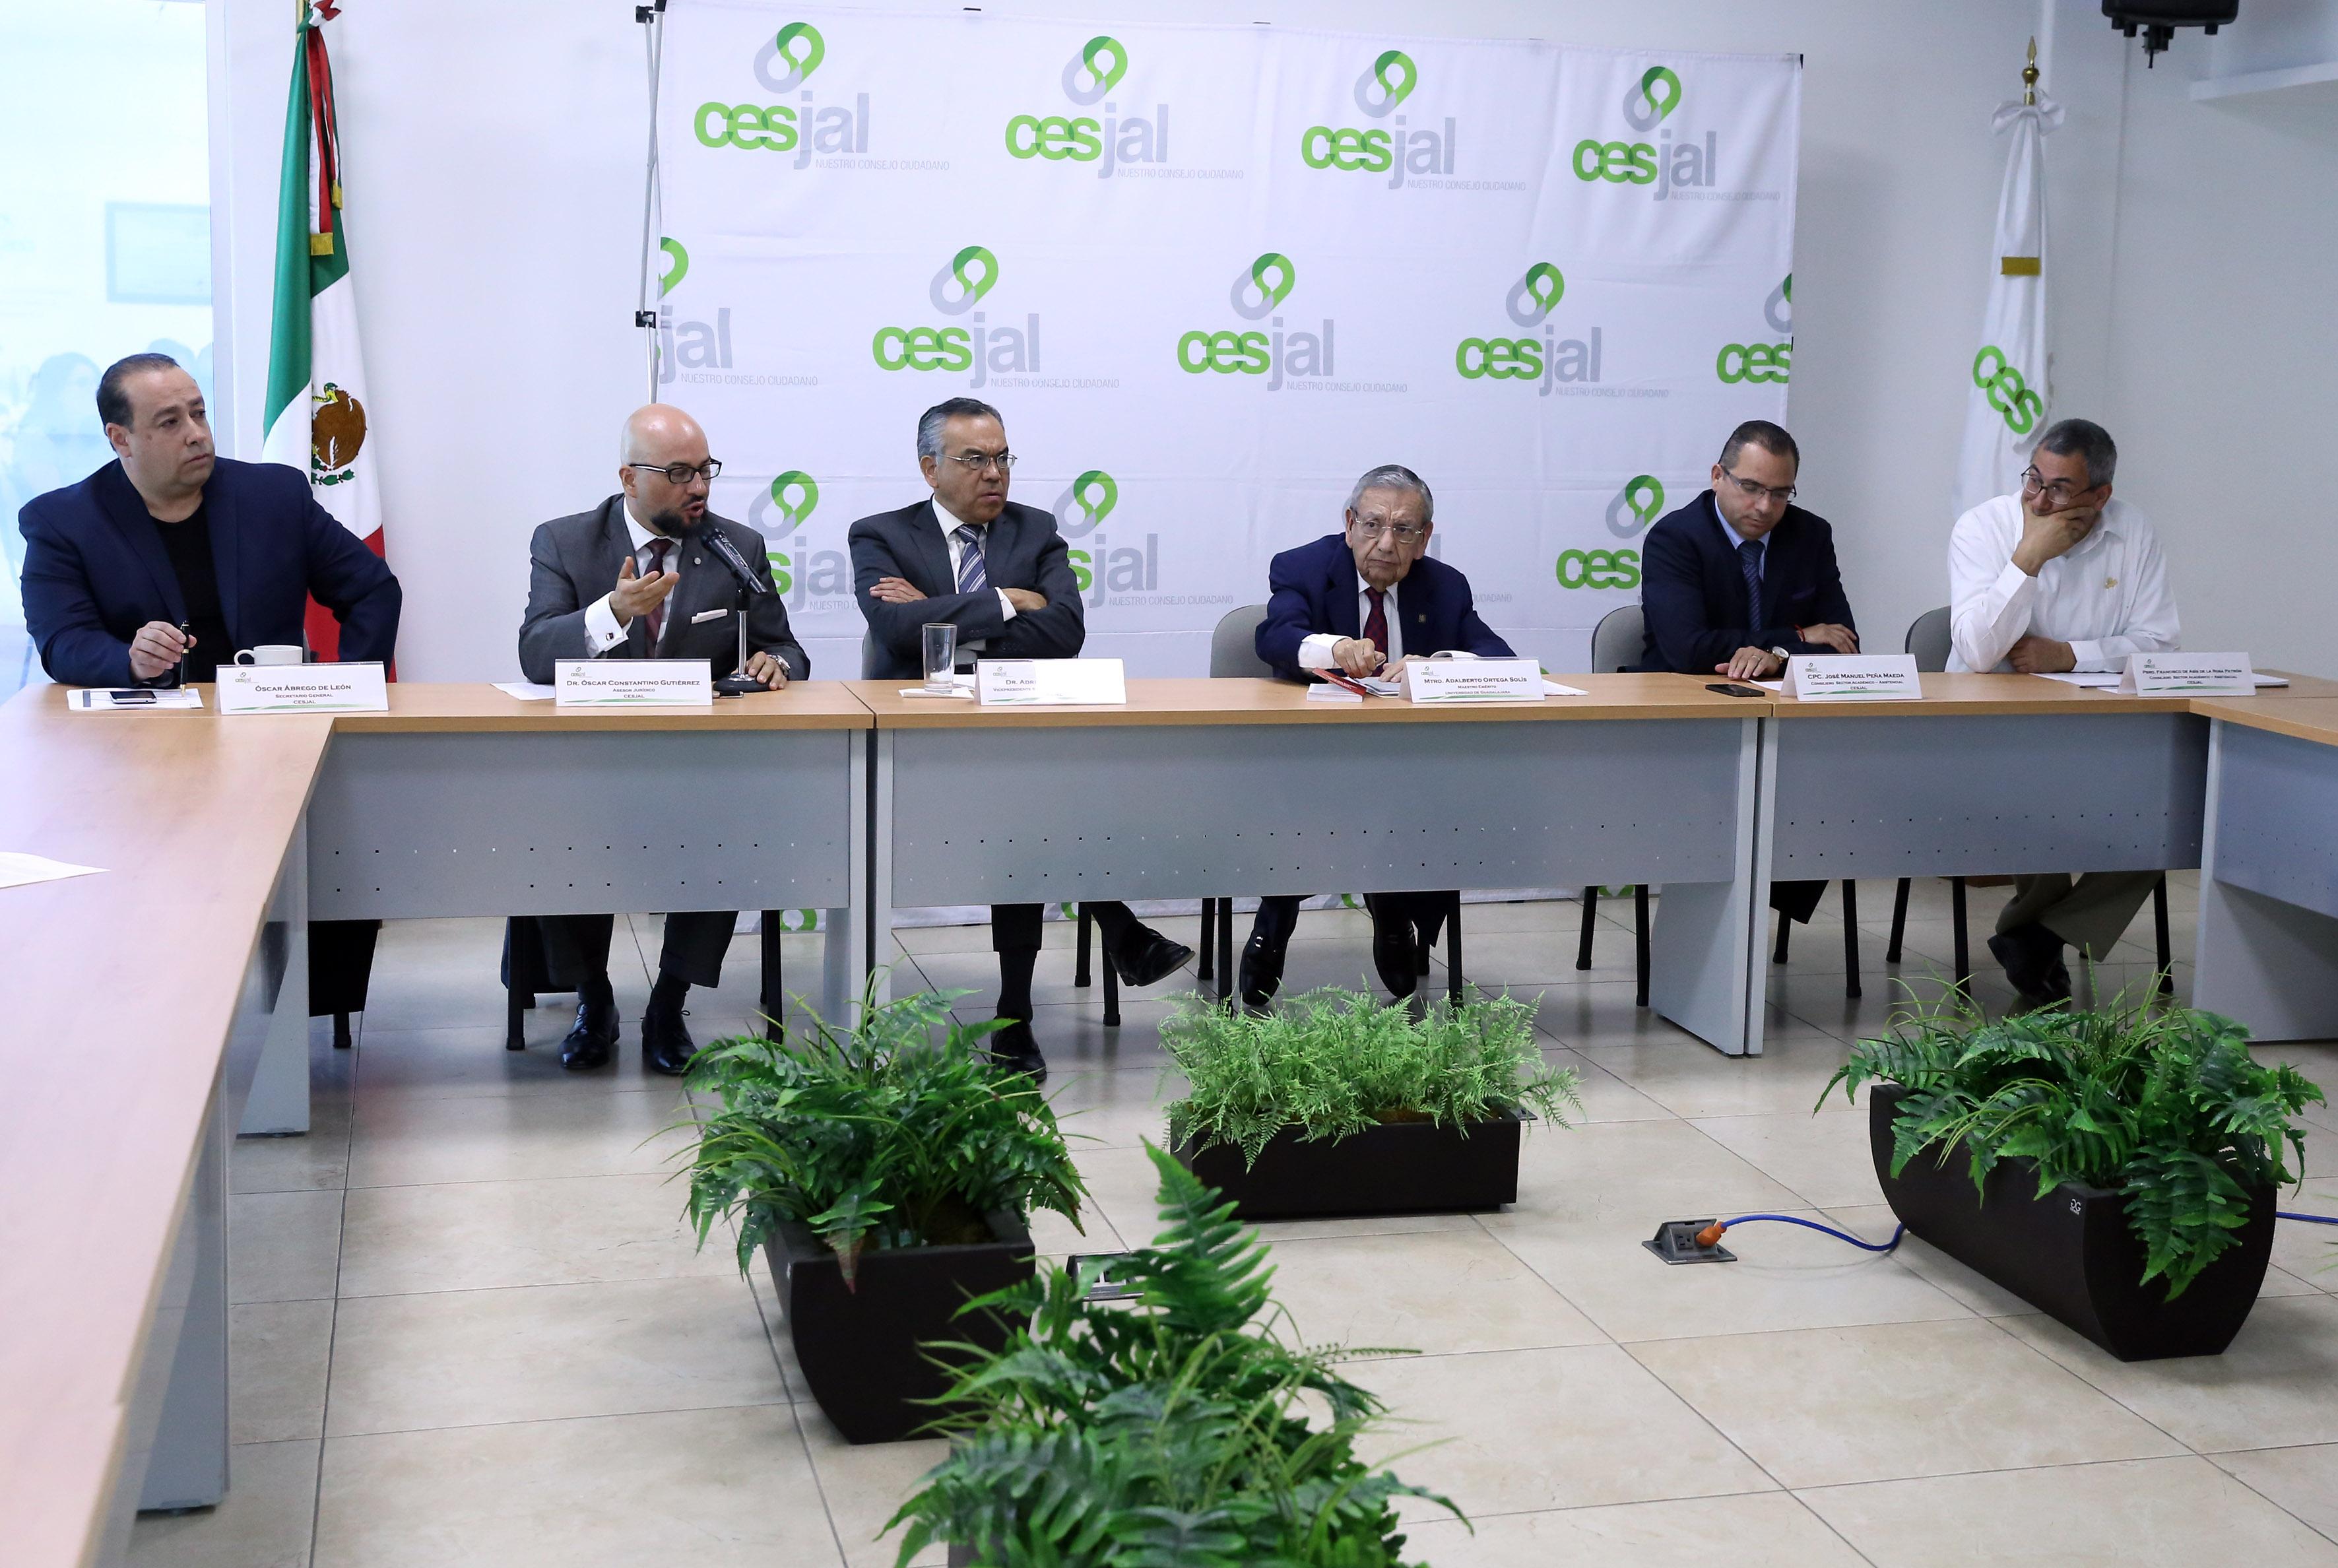 Doctor Oscar Constantino Gutiérrez, asesor jurídico del Consejo Económico y Social del Estado de Jalisco para el Desarrollo y la Competitividad (Cesjal), participando en rueda de prensa.